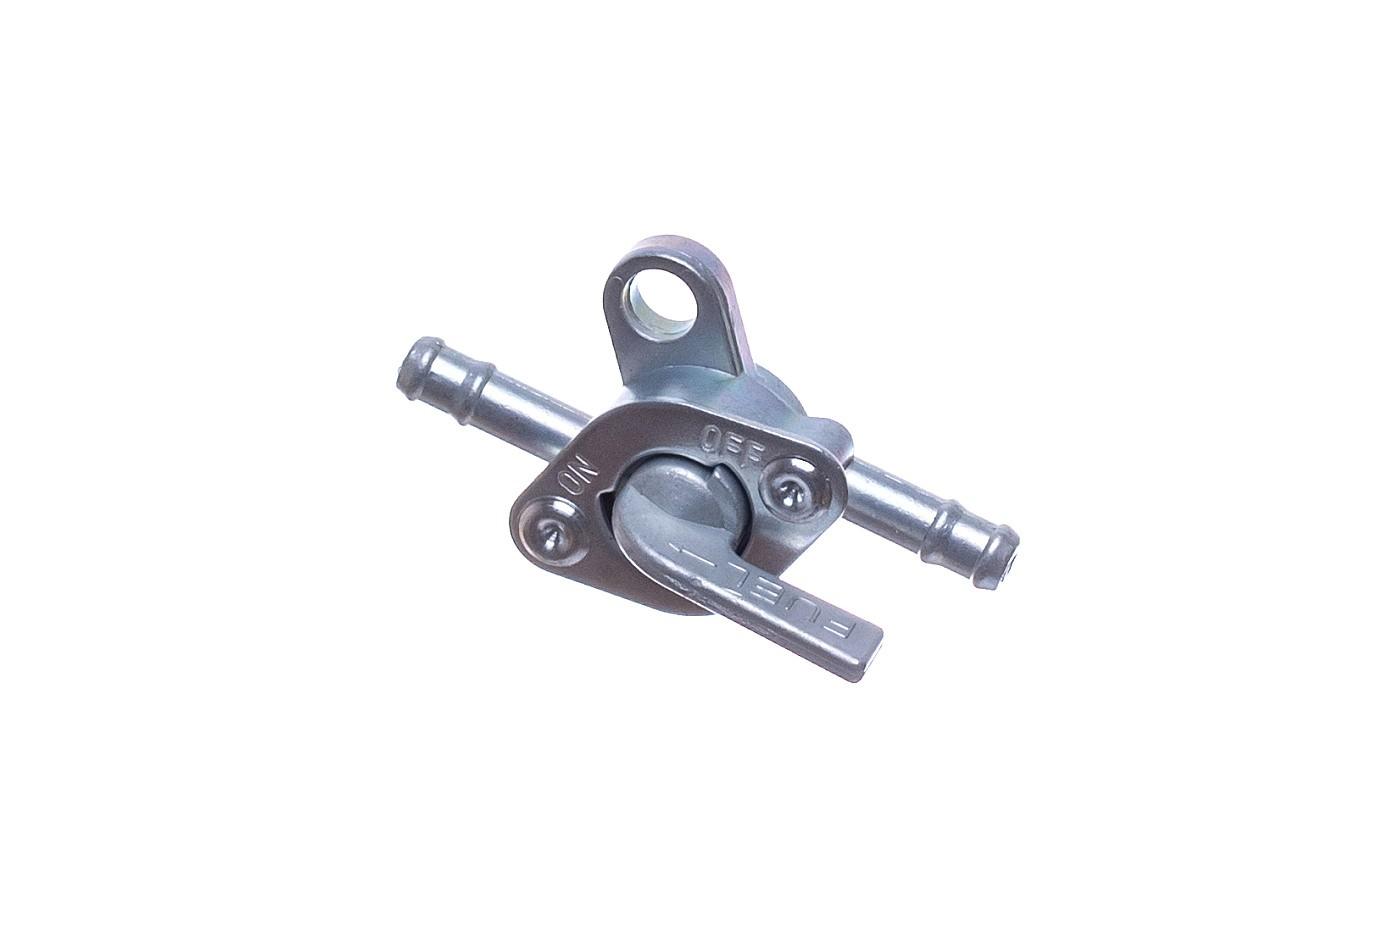 Ventilek paliva HONDA GX120 GX160 GX200 GX240 GX270 GX340 GX390 - 16950-ZB4-015